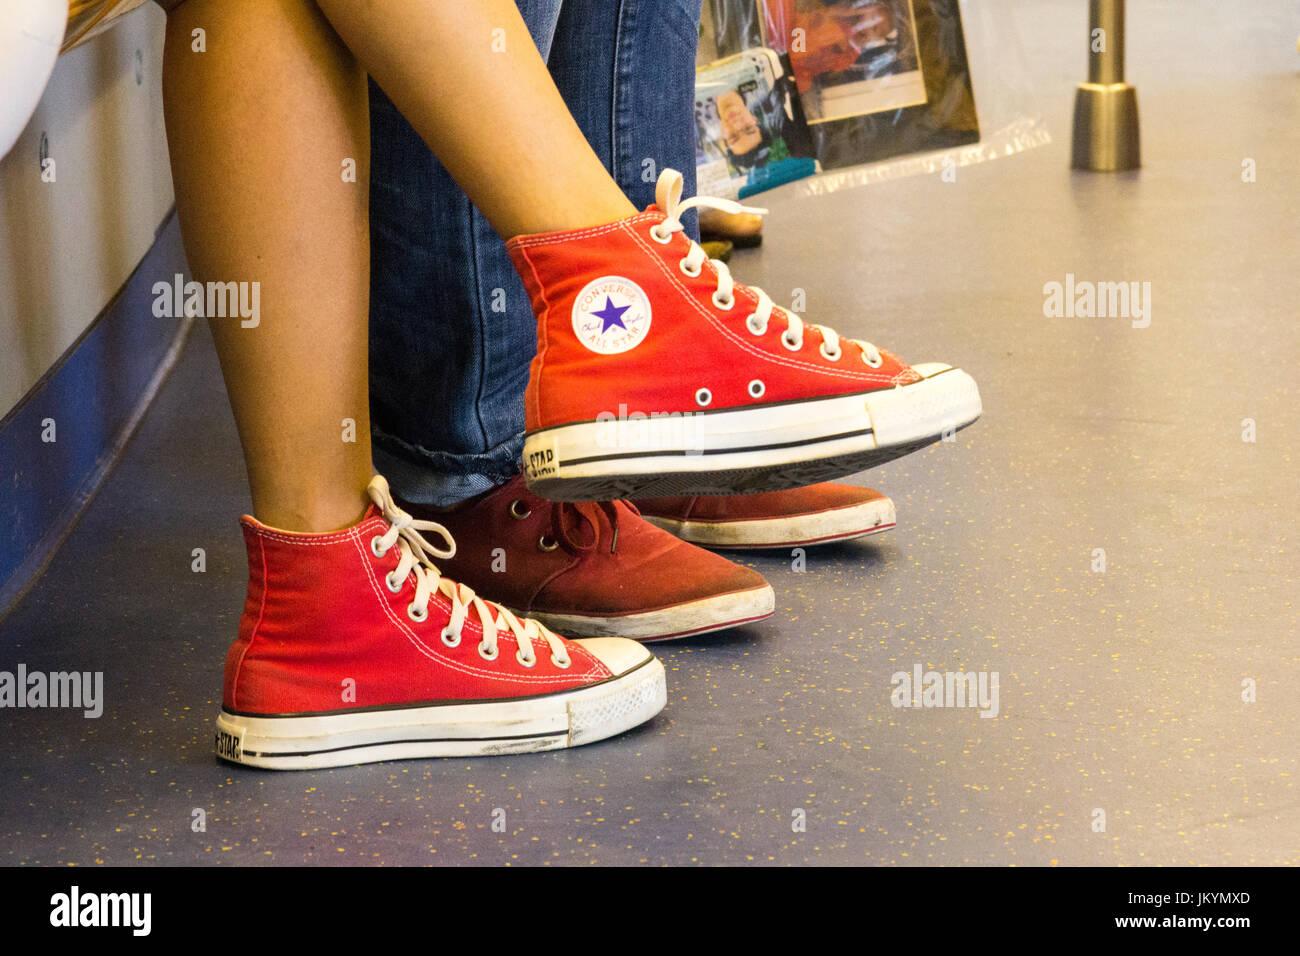 dc76f2a3267 Converse All Star Imágenes De Stock   Converse All Star Fotos De ...